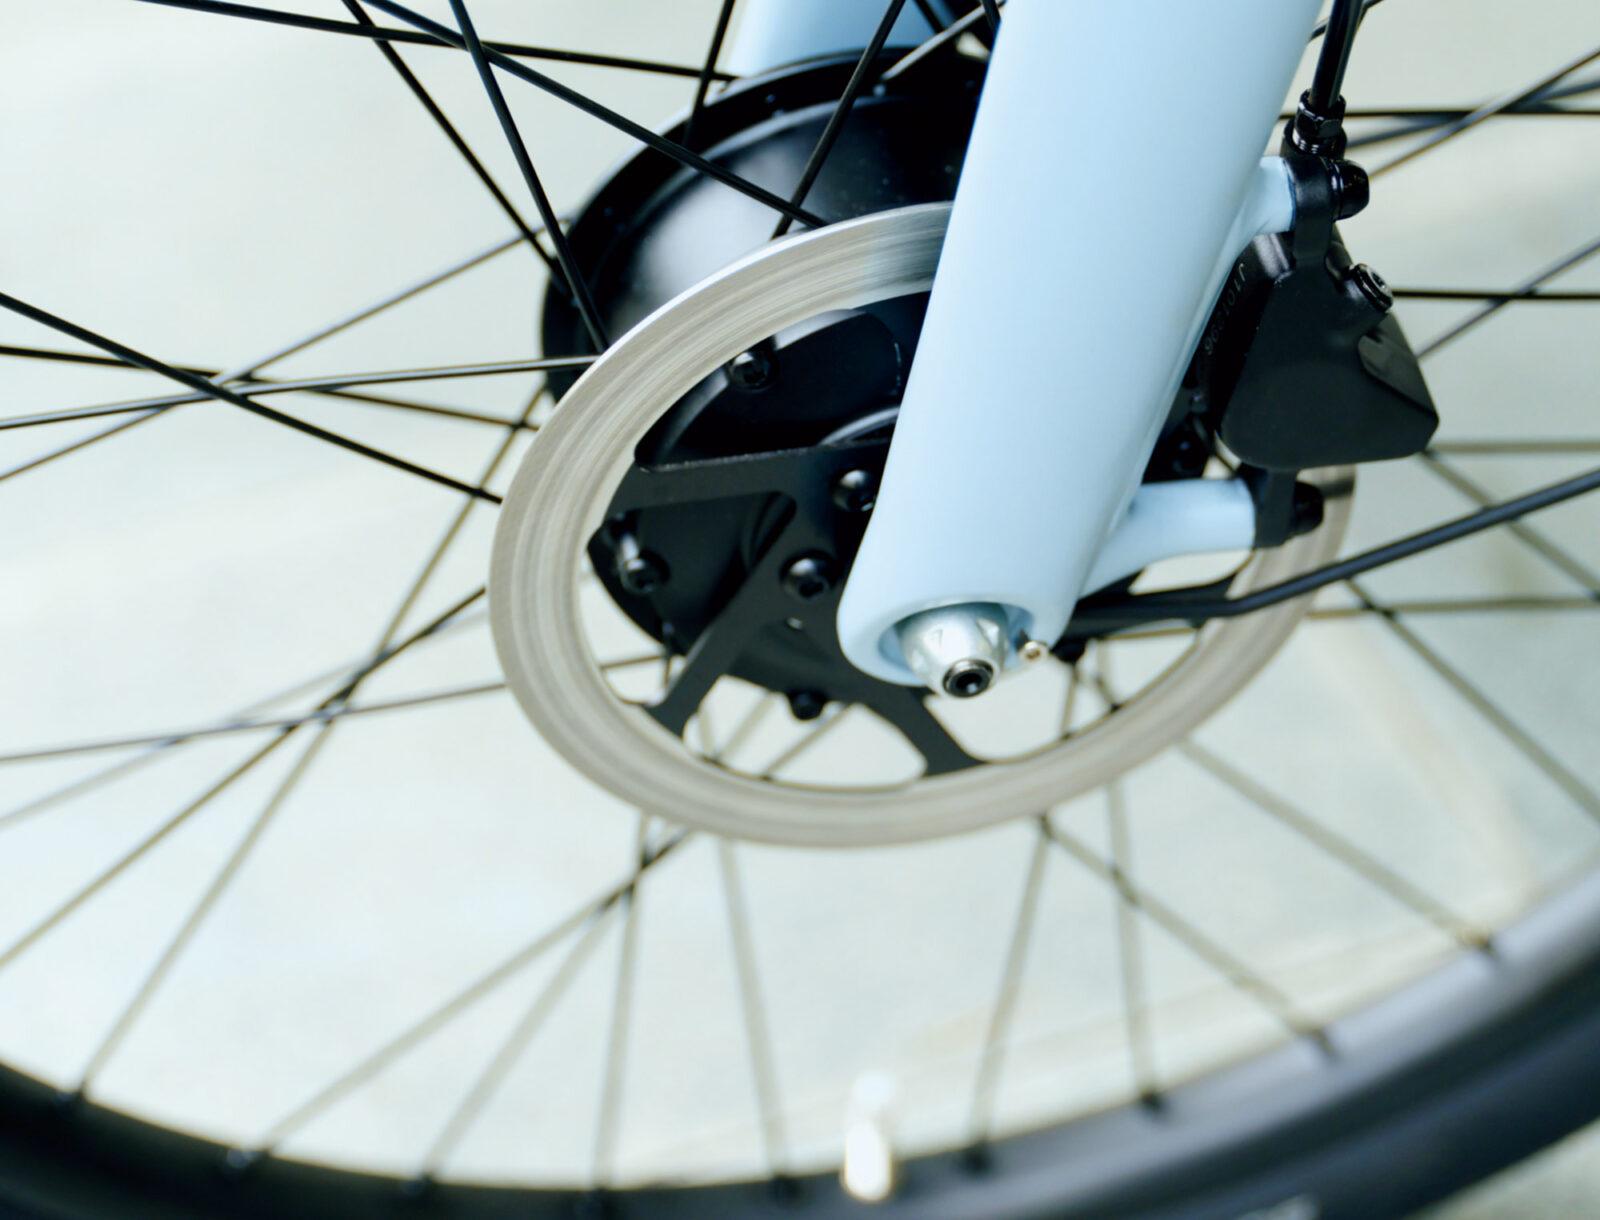 小型化し静音性が増した最新モーターは前輪に。